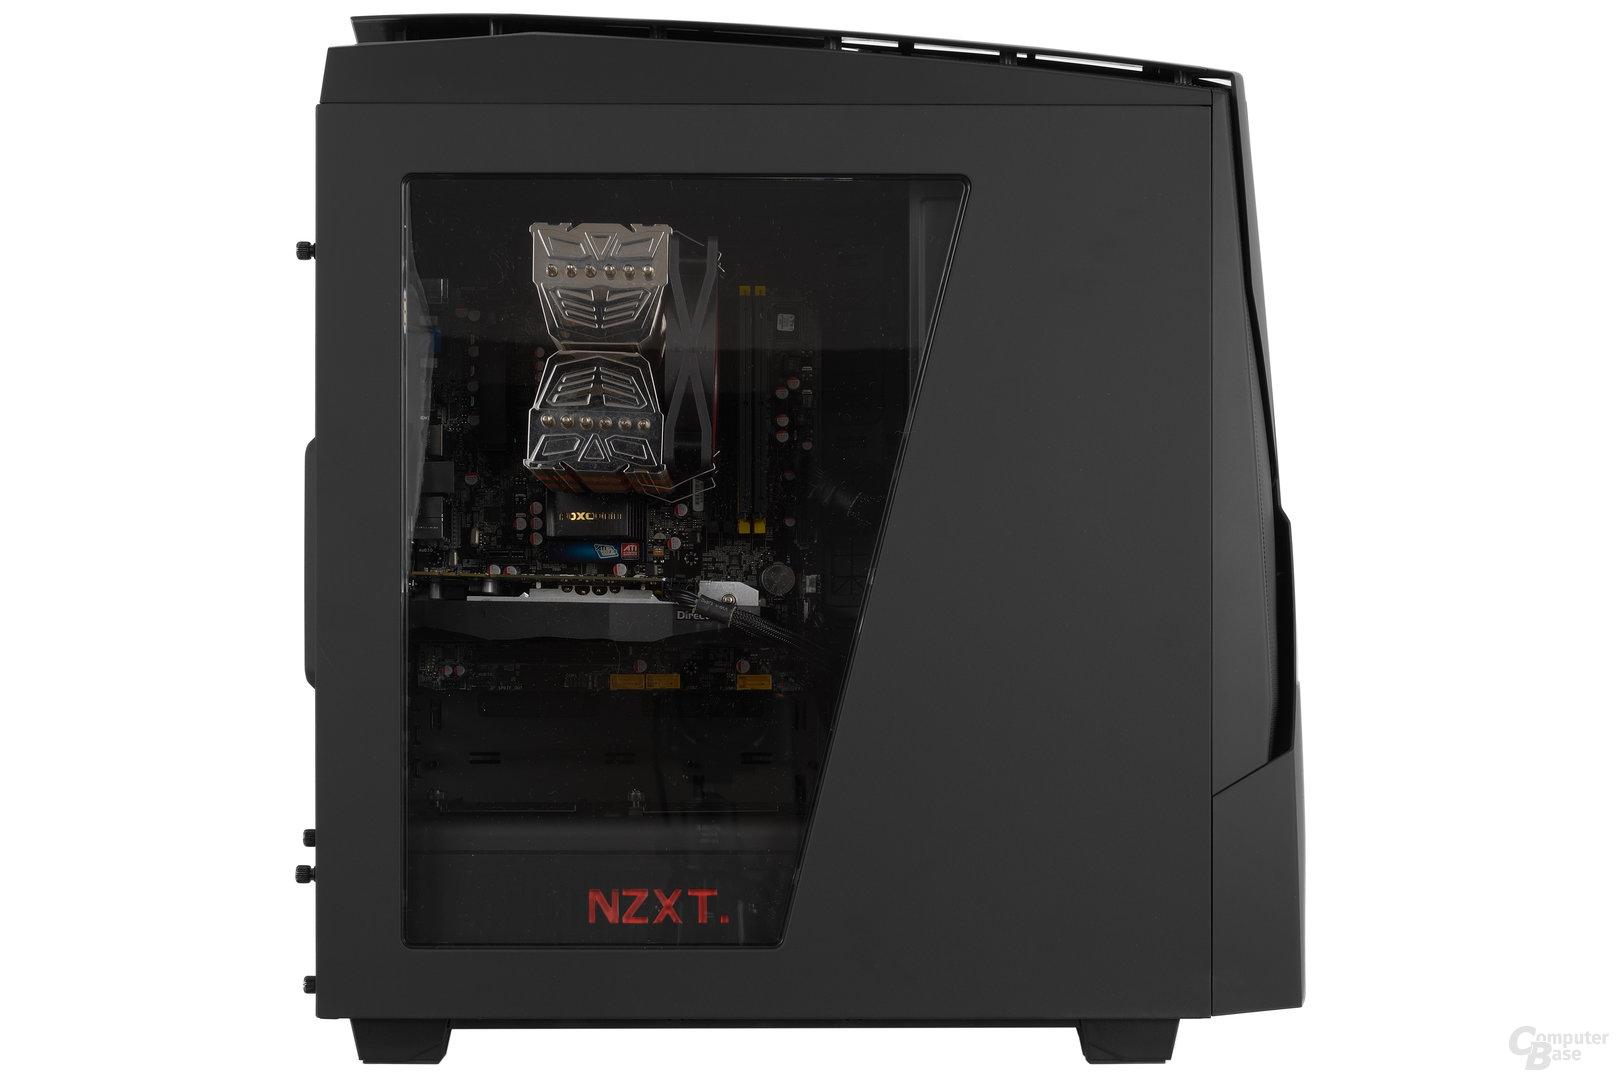 NZXT Noctis 450 – Testsystem mit geschlossener Seite